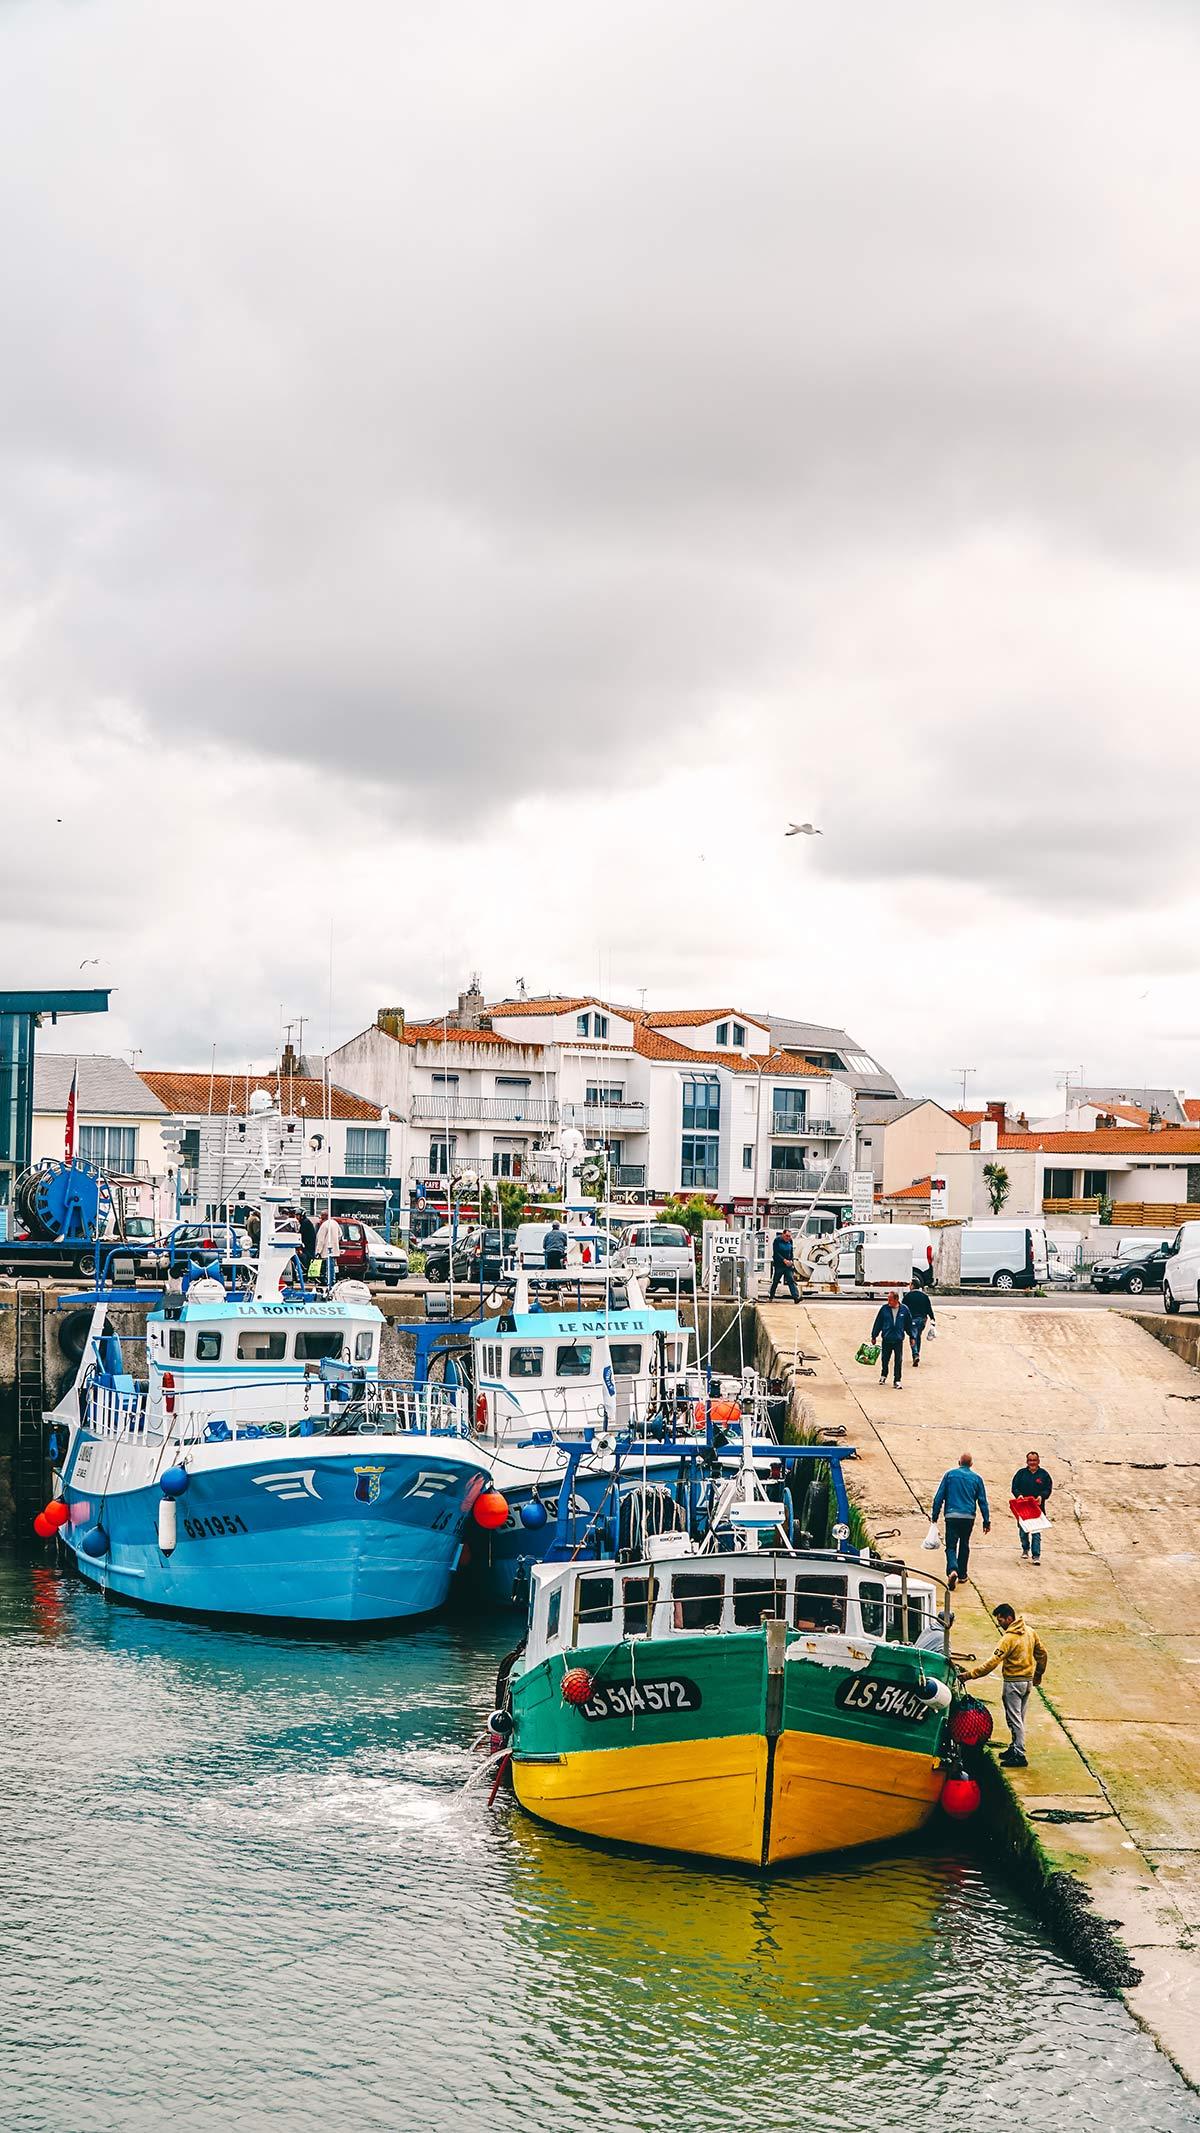 Saint Gilles Hafen FIschverkauf